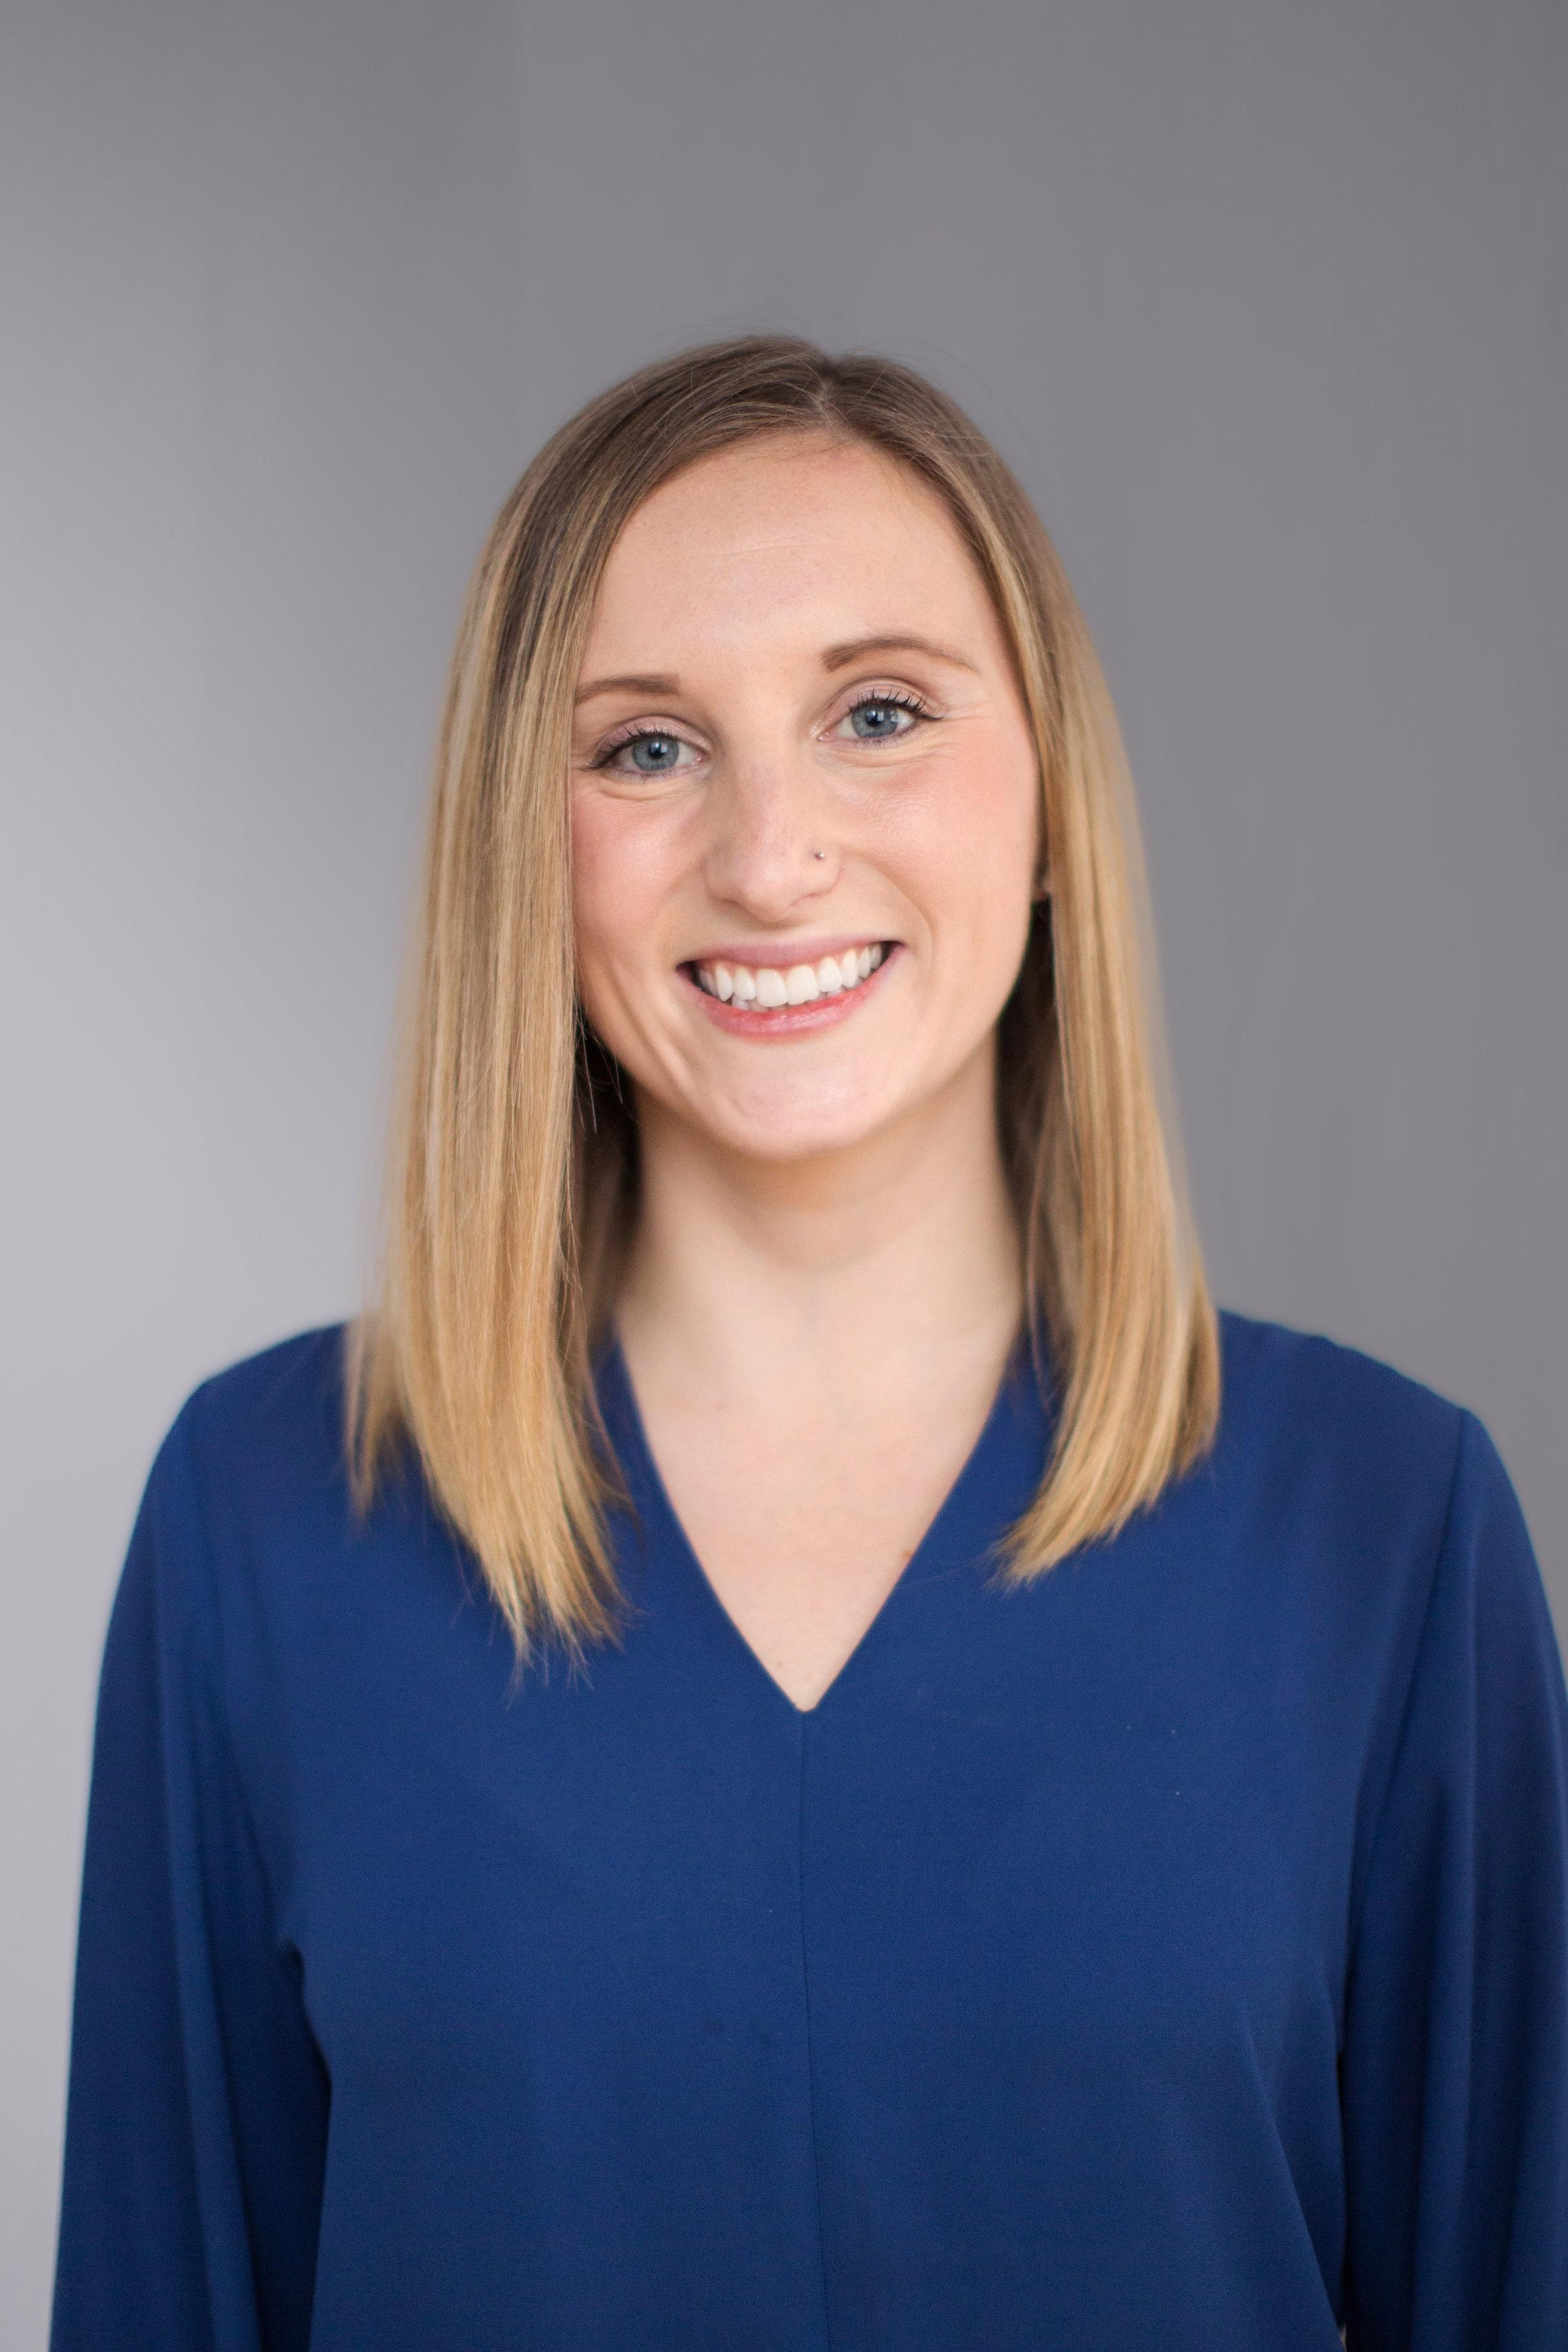 Cori Stewart, SQL Data Analyst at AllianceChicago